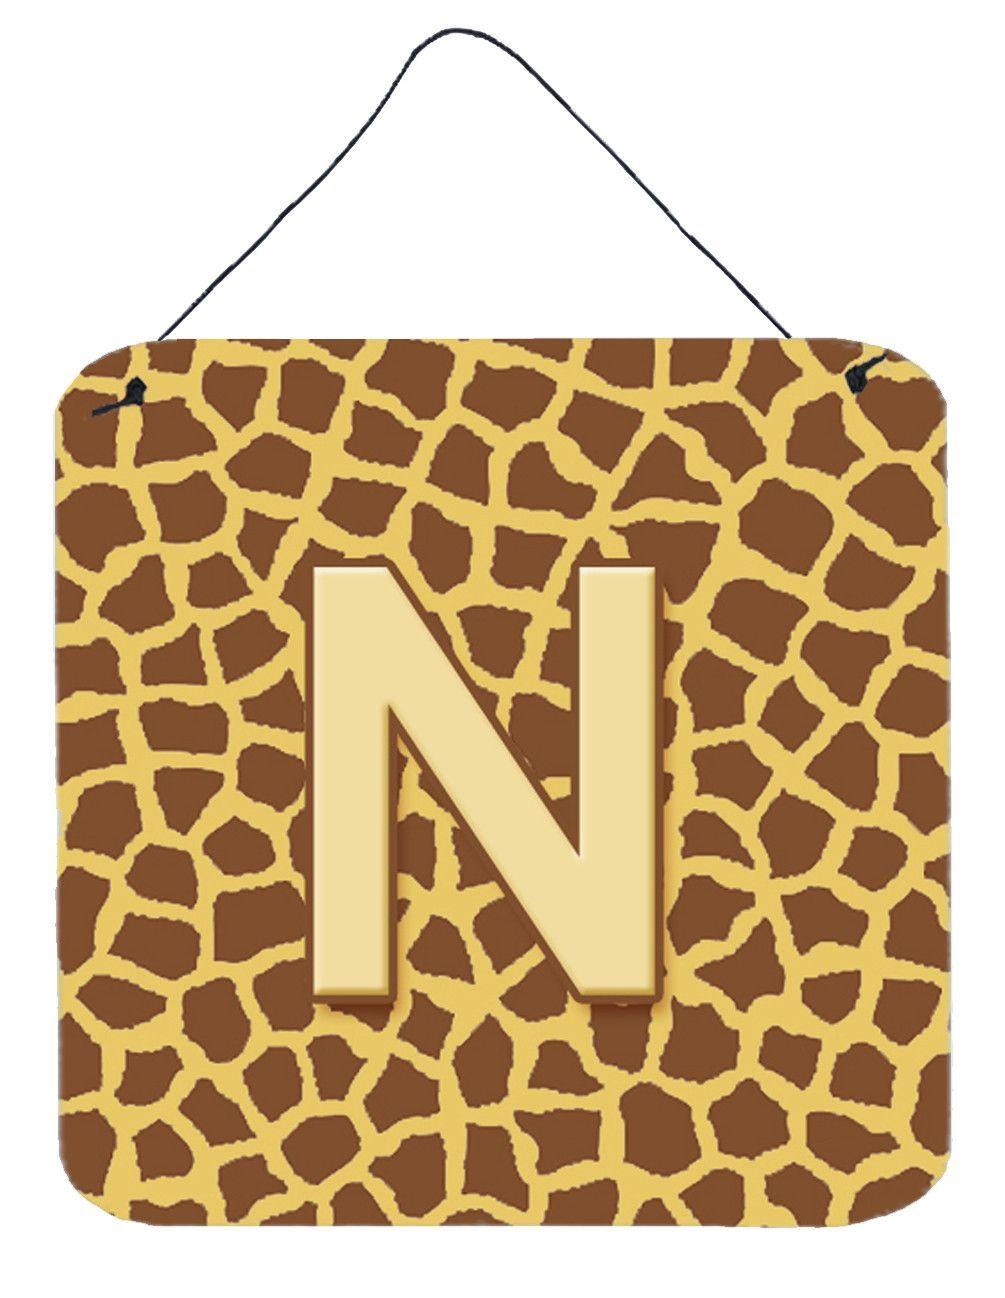 Letter N Initial Monogram - Giraffe Aluminium Metal Wall or Door ...